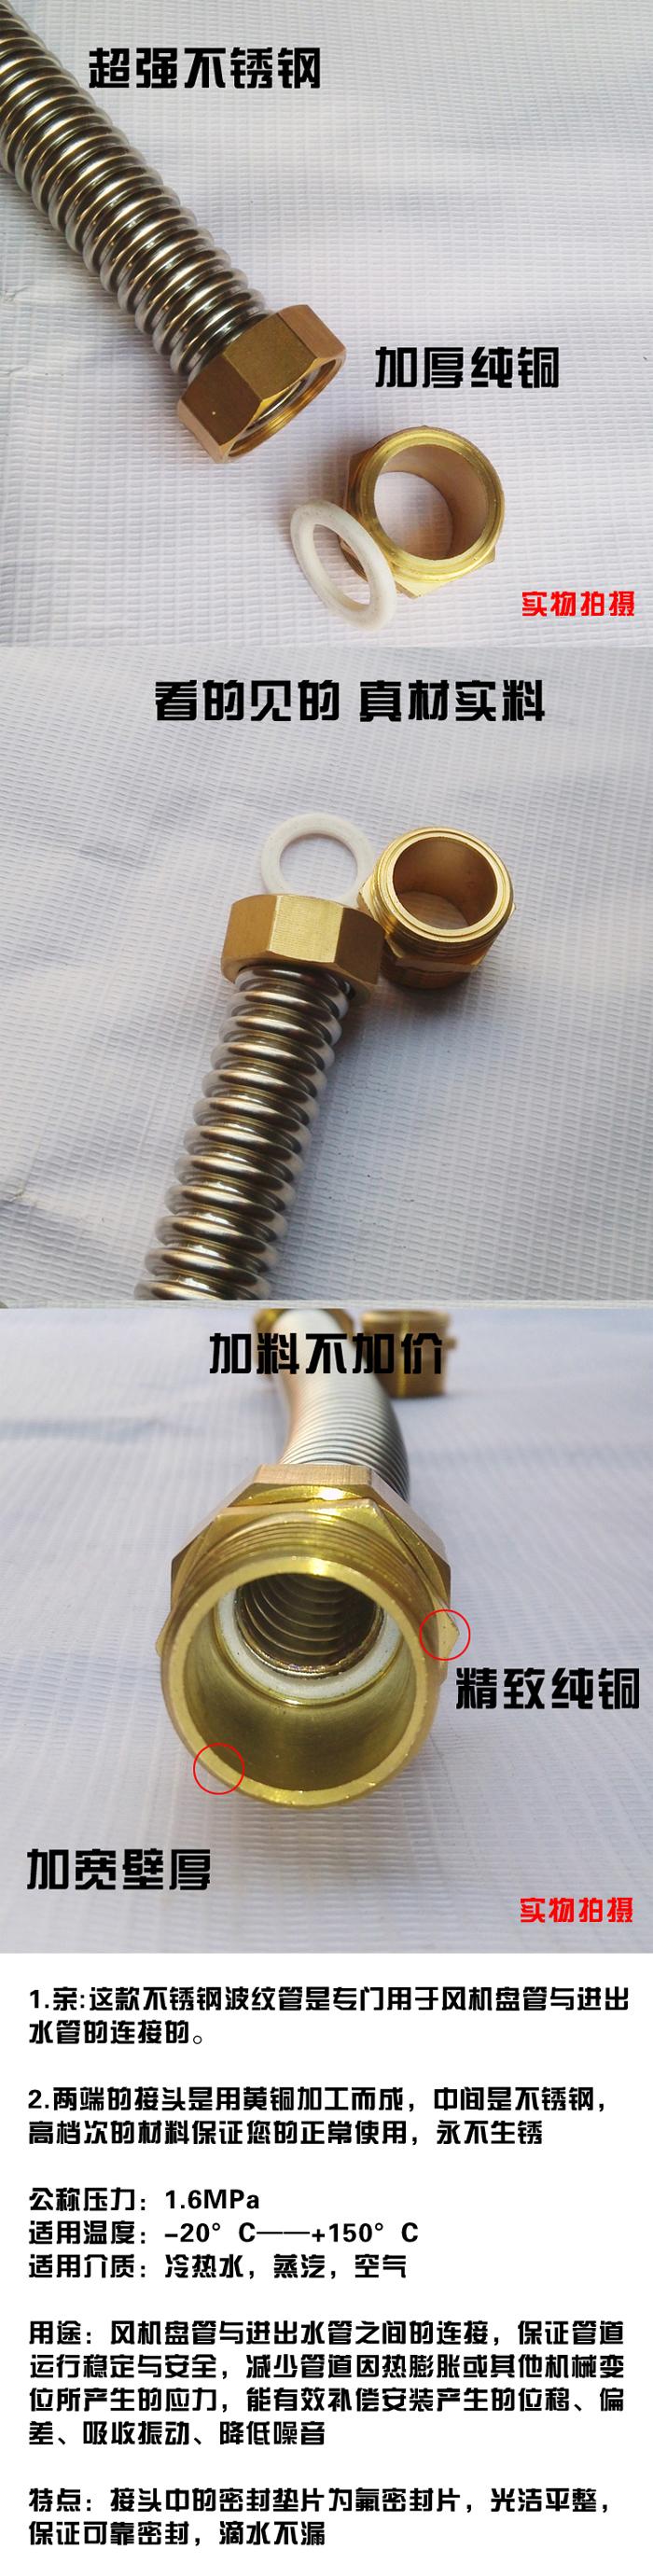 风机盘管水管软连接